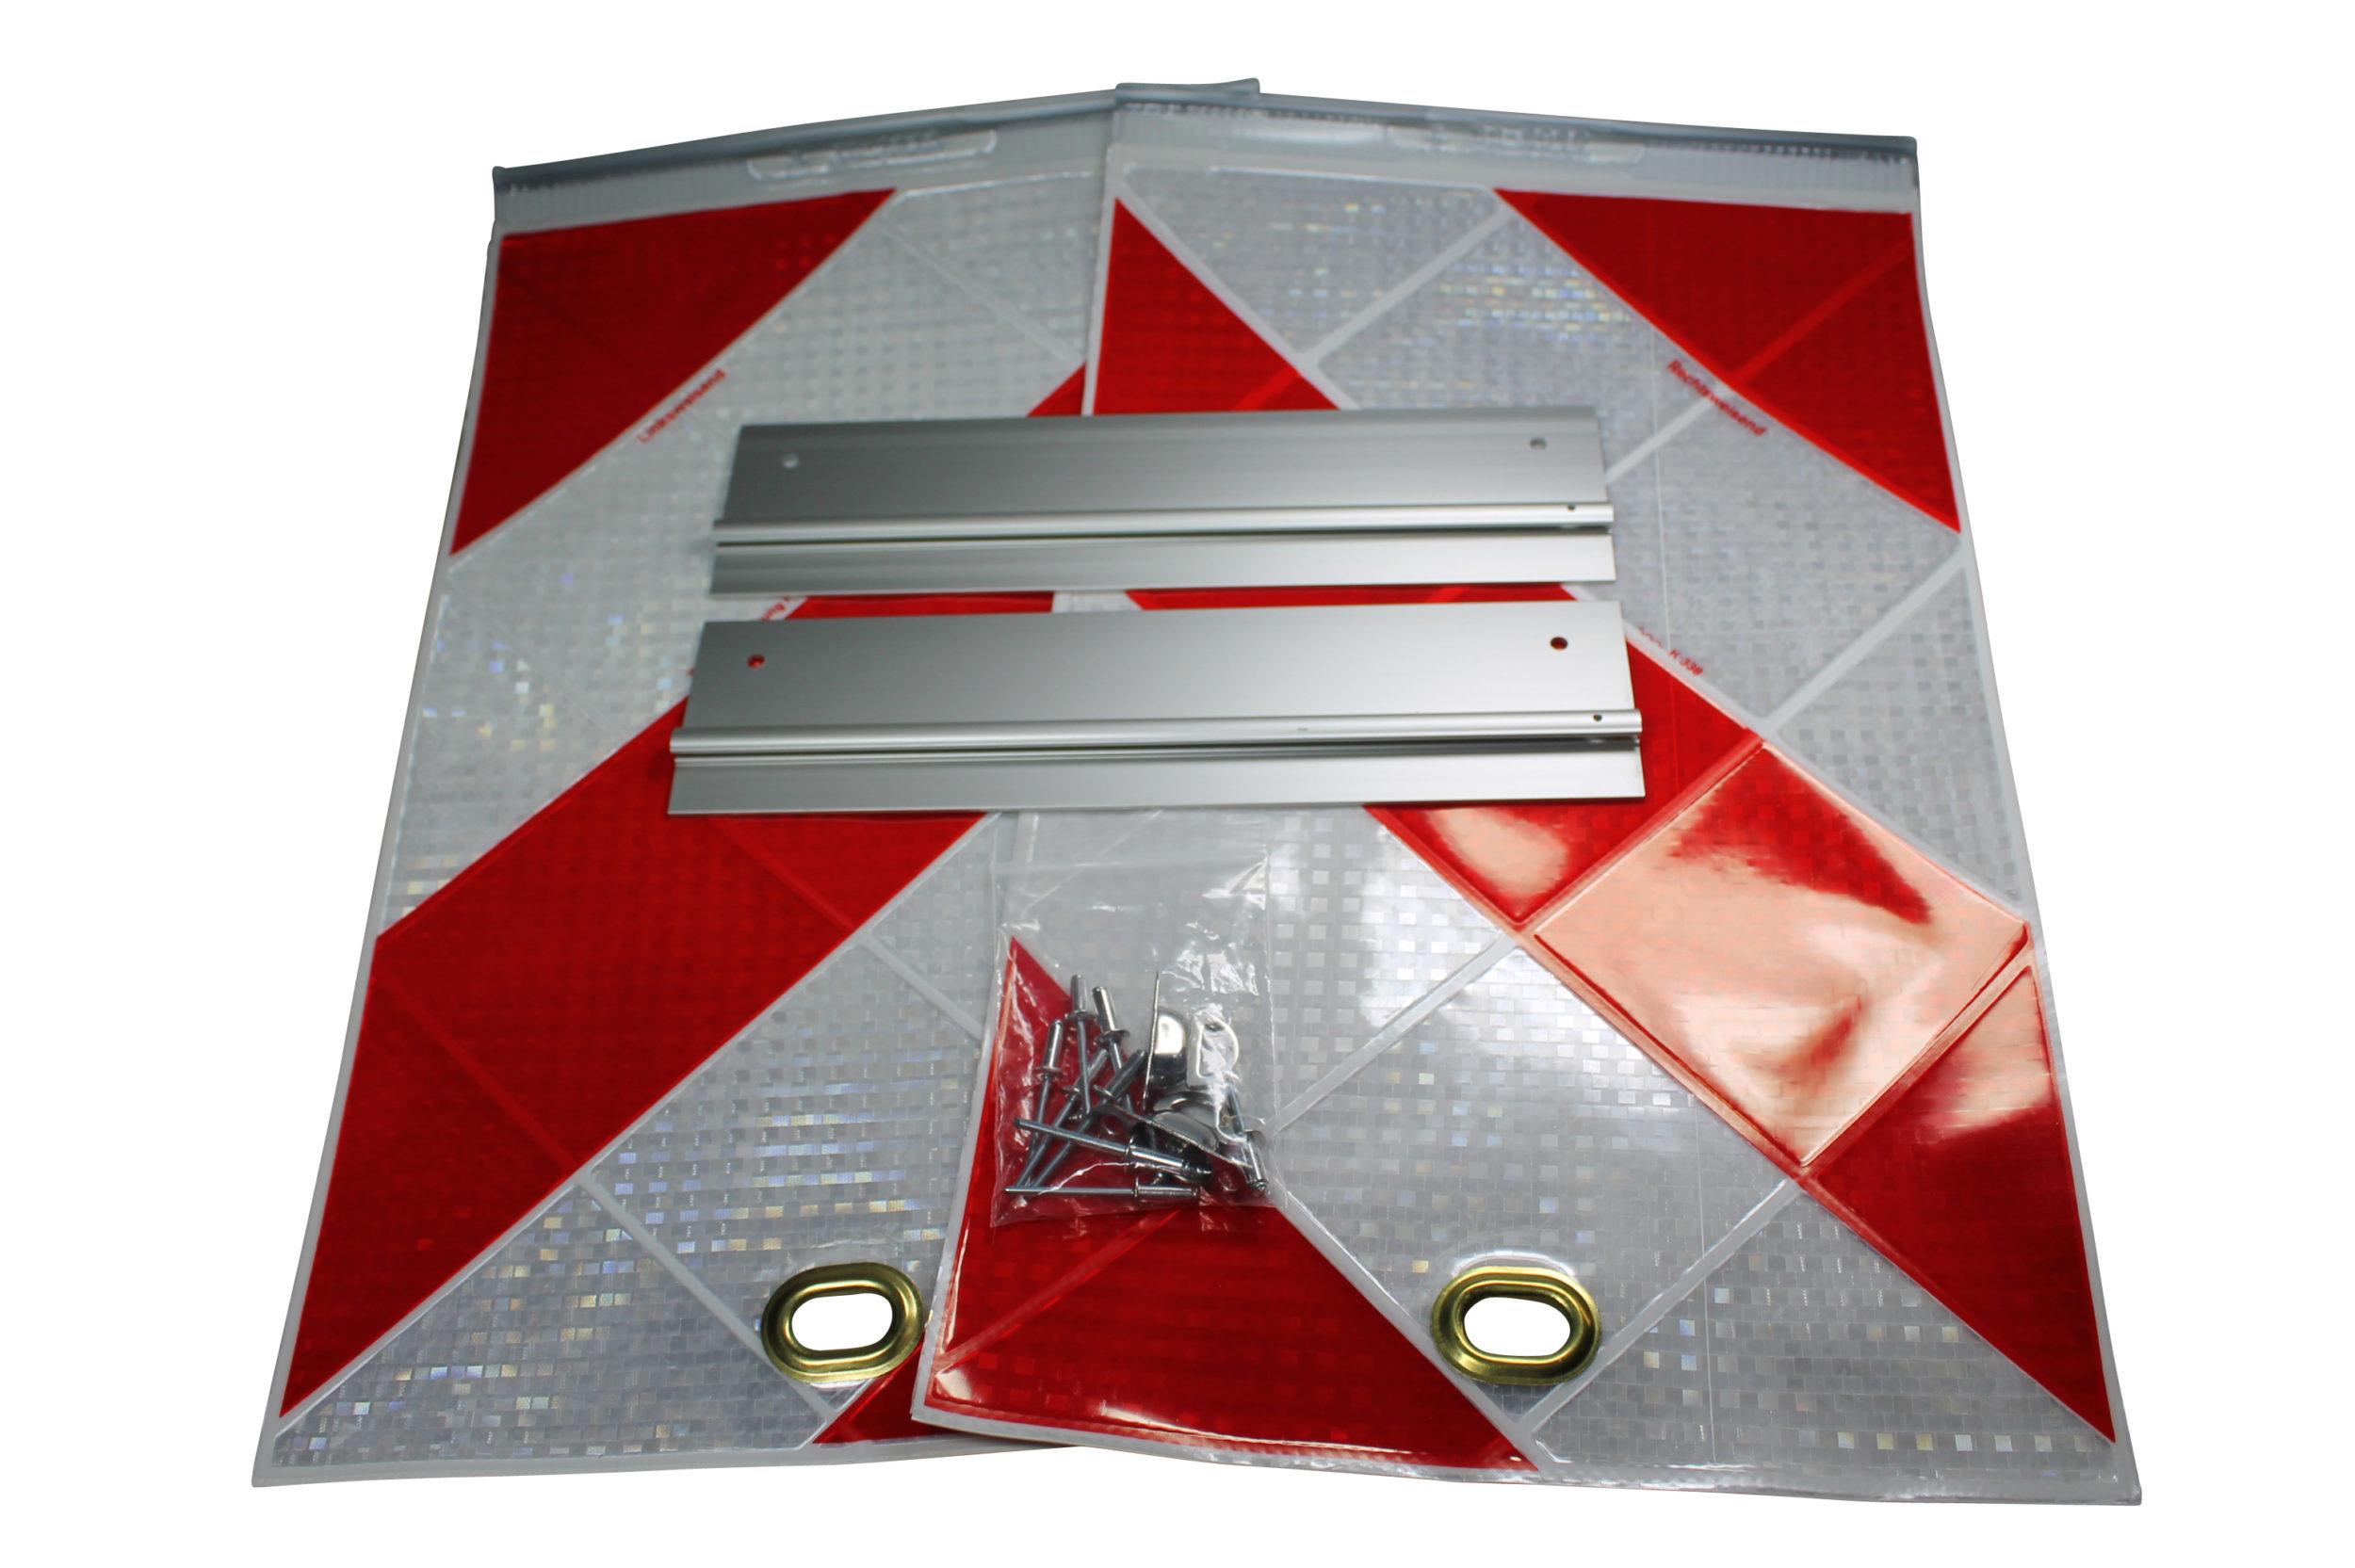 Warnflaggensatz mit Alu-Halter für MBB-Palfinger Ladebordwand Hebebühne